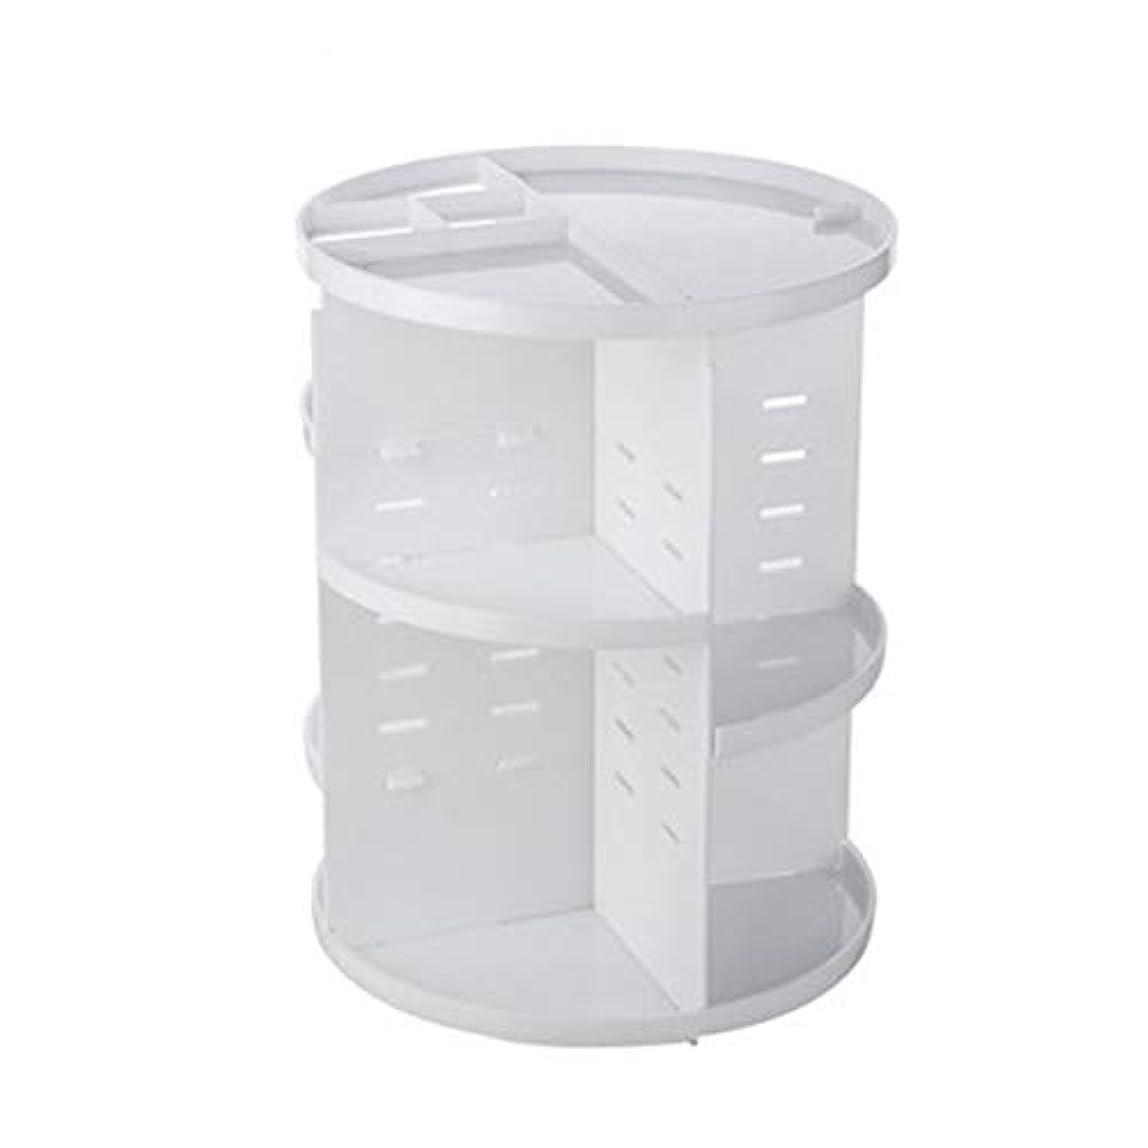 具体的に雪だるまを作るメッセージ化粧品収納ボックス FidgetFidget 大容量 360度回転 コスメ収納ボックス 小物/化粧品入れ コスメ収納スタンド レディース メイクケース 白